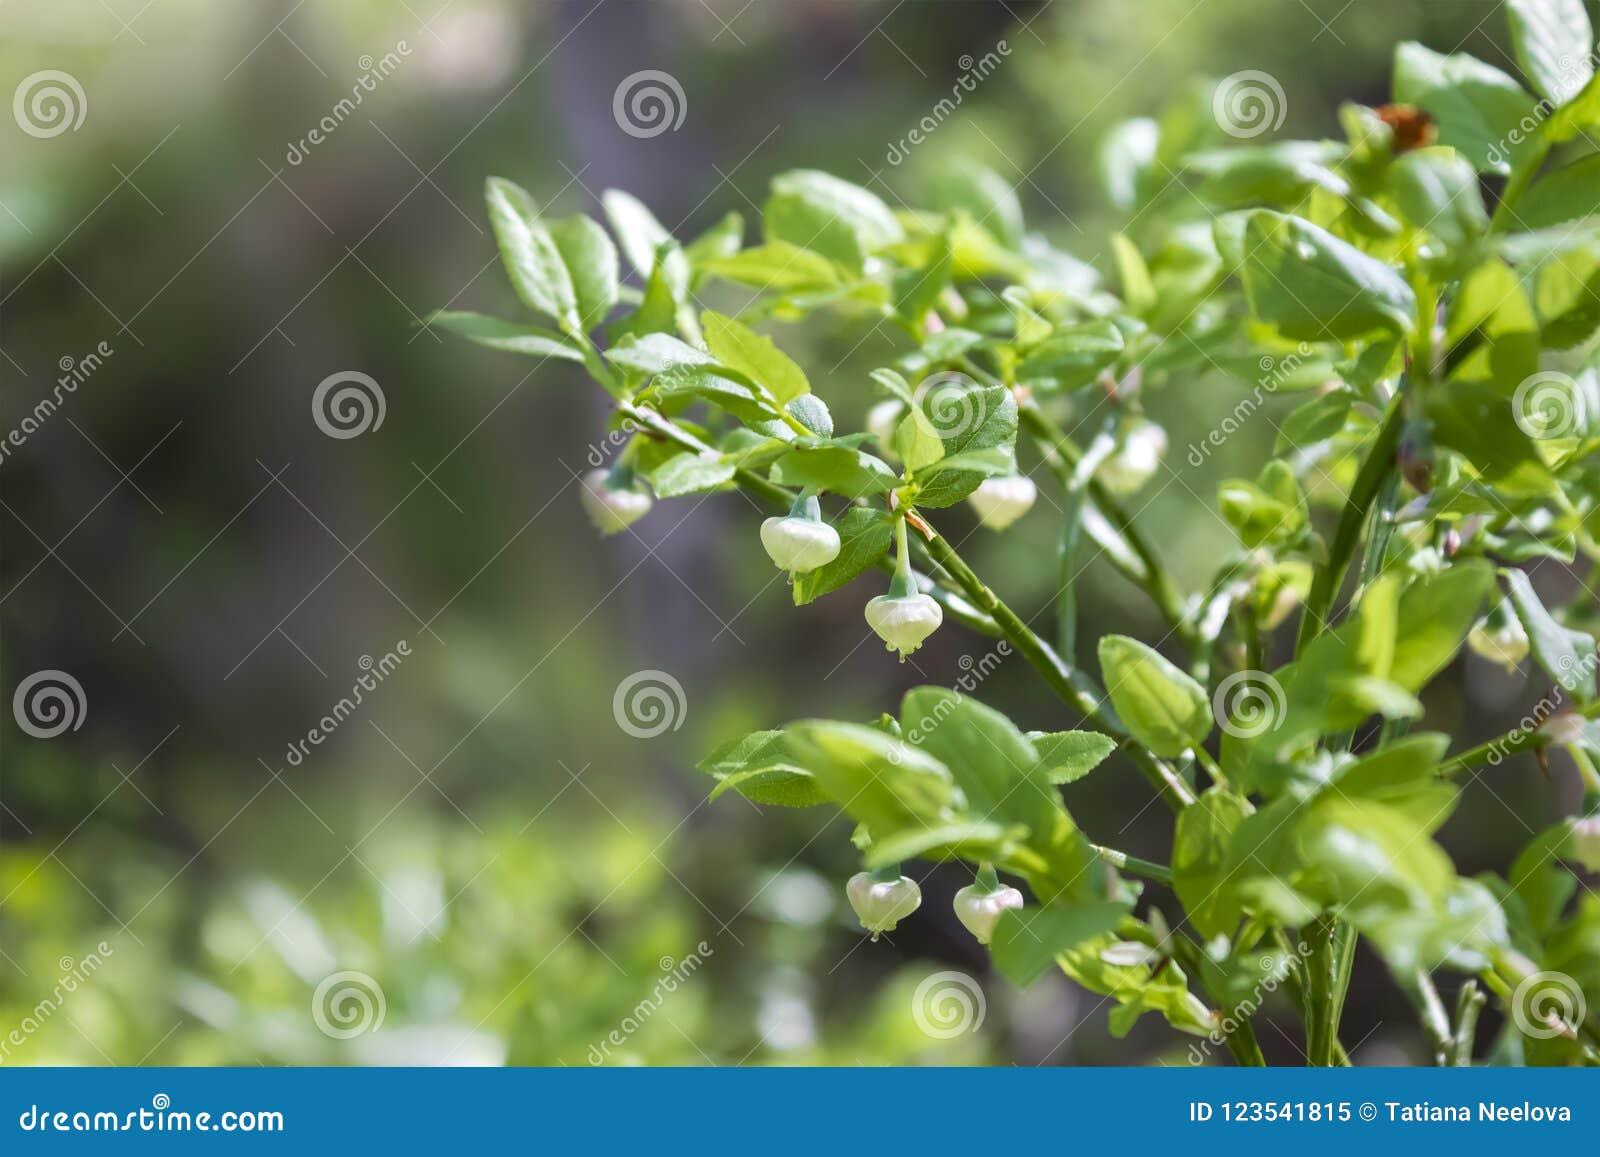 Фото голубики, uliginosum Vaccinium, дня леса цветков весной солнечного и черник одичалых зеленых детенышей зацветая в ea